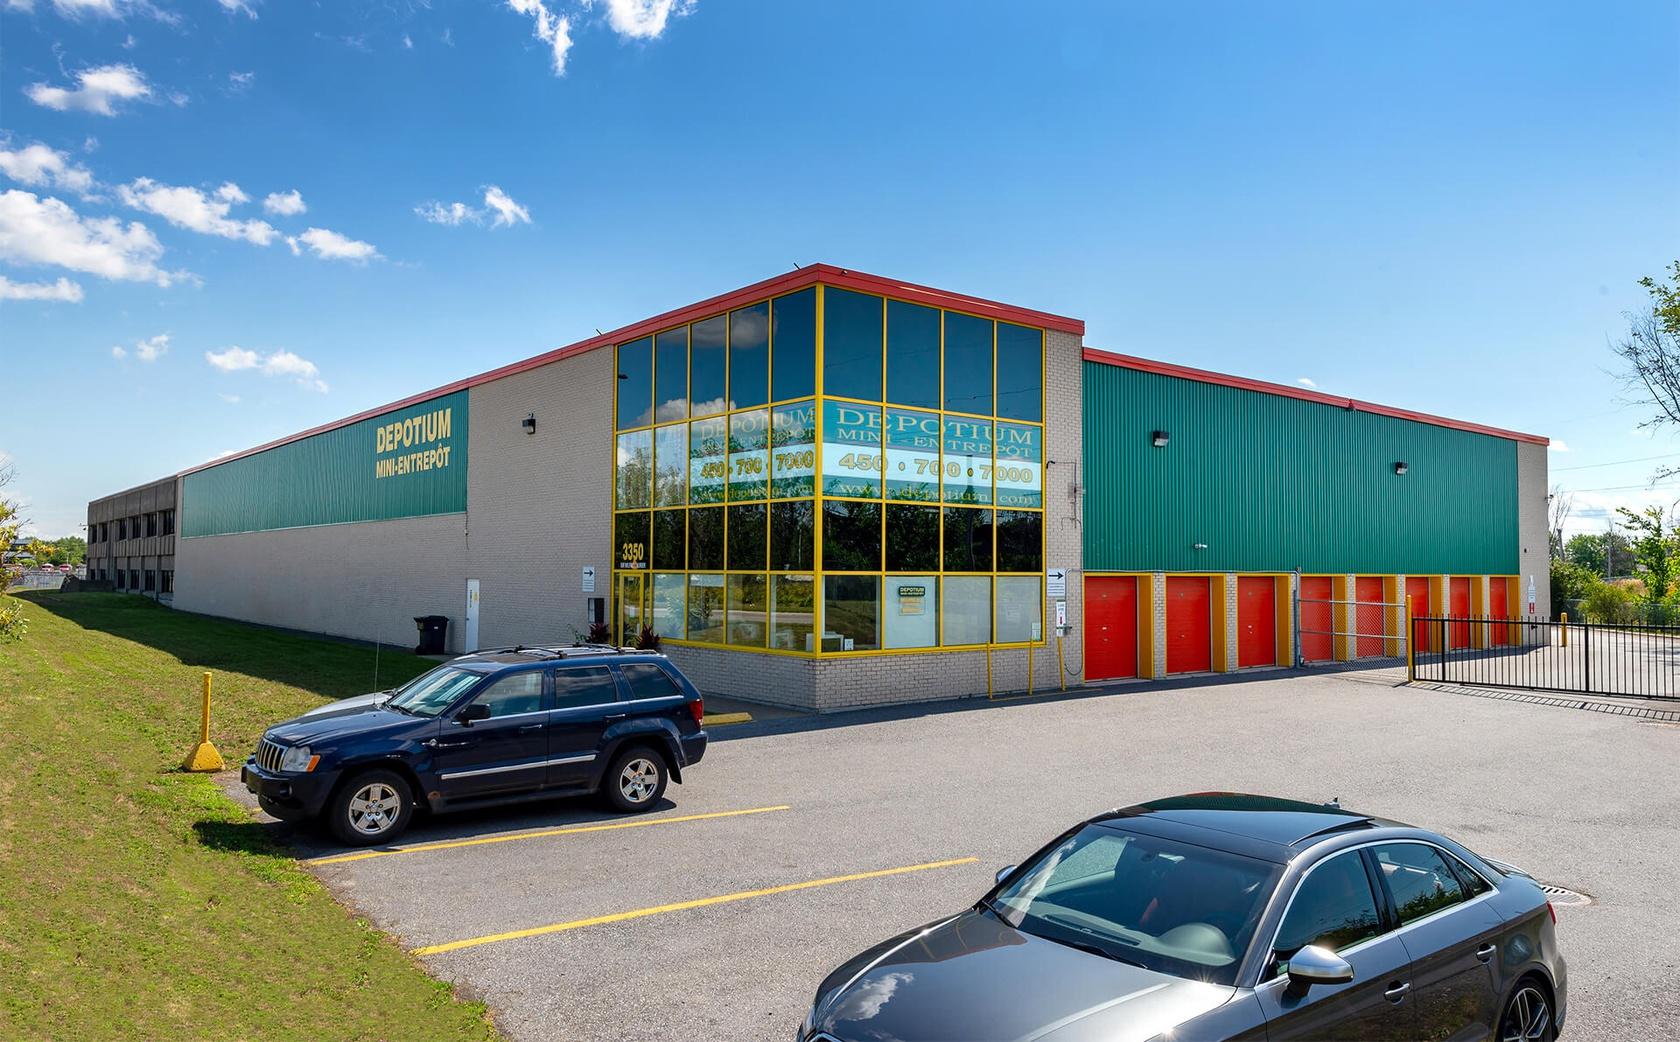 Depotium Mini-Entrepôt – Saint-Hubert, située au 3350, boulevard Sir-Wilfrid-Laurier, a la solution d'entreposage qu'il vous faut. Réservez dès aujourd'hui!